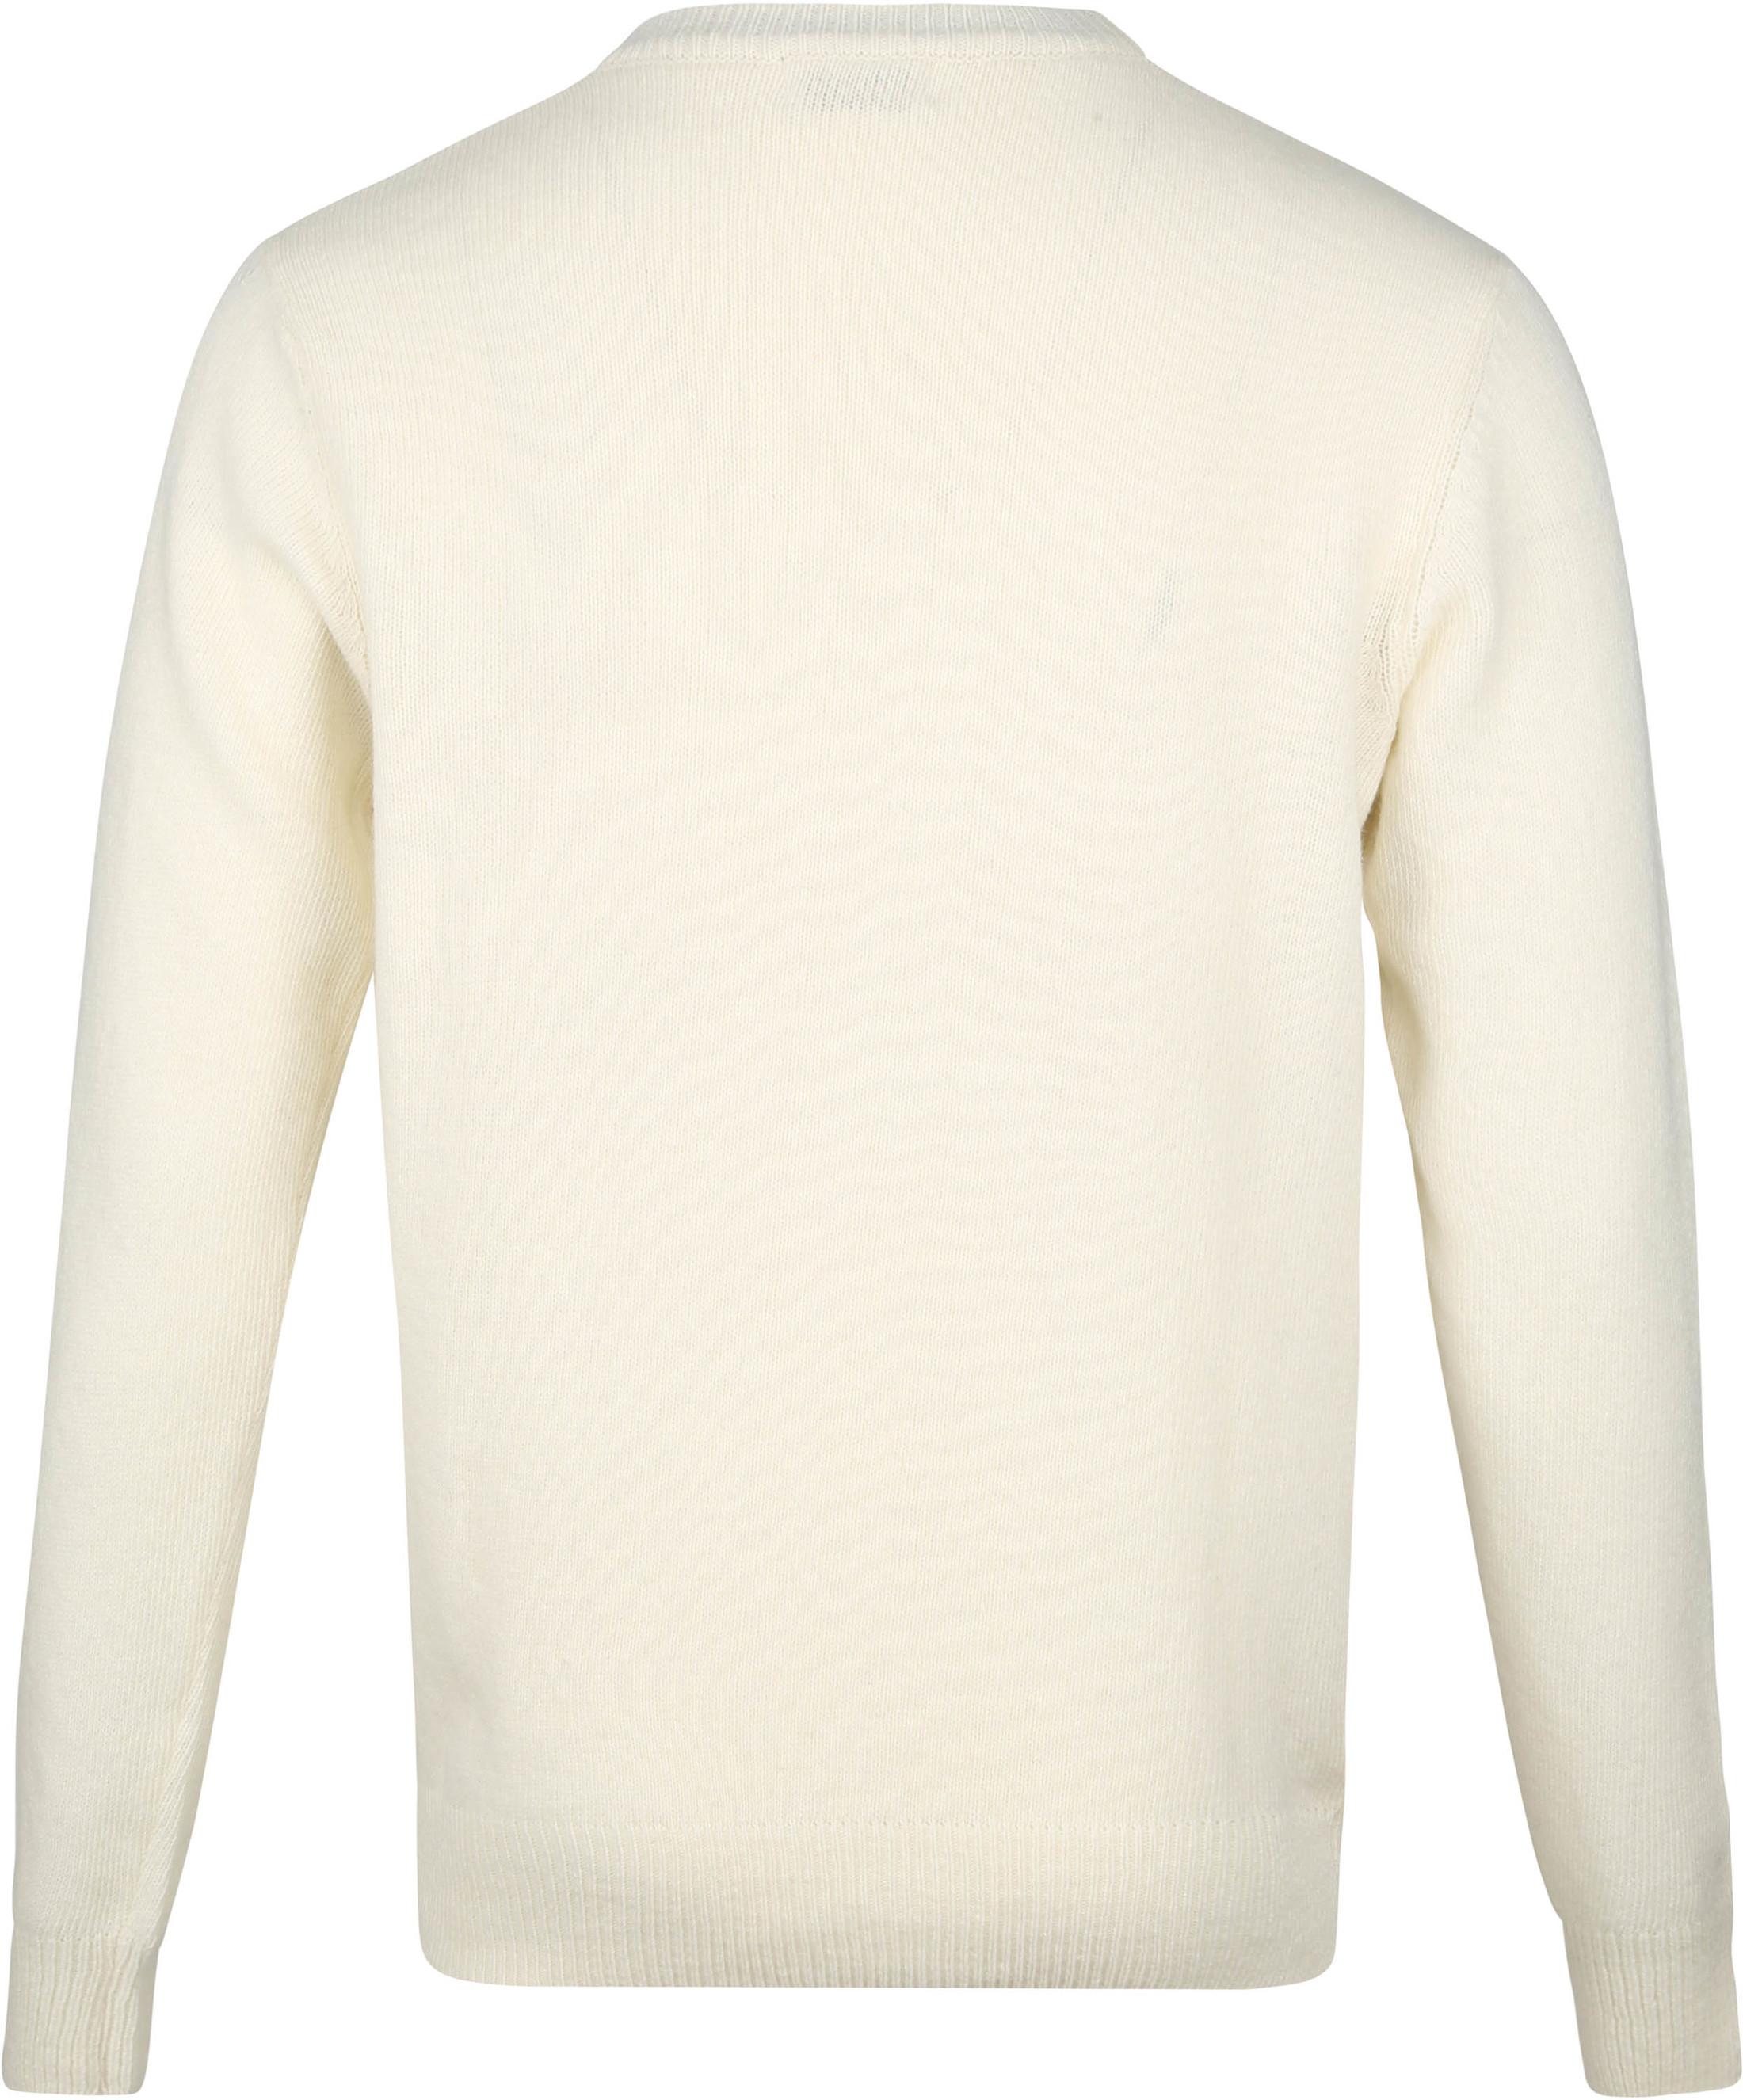 Suitable Fijn Lamswol 7 garen Pullover O-Hals Beige